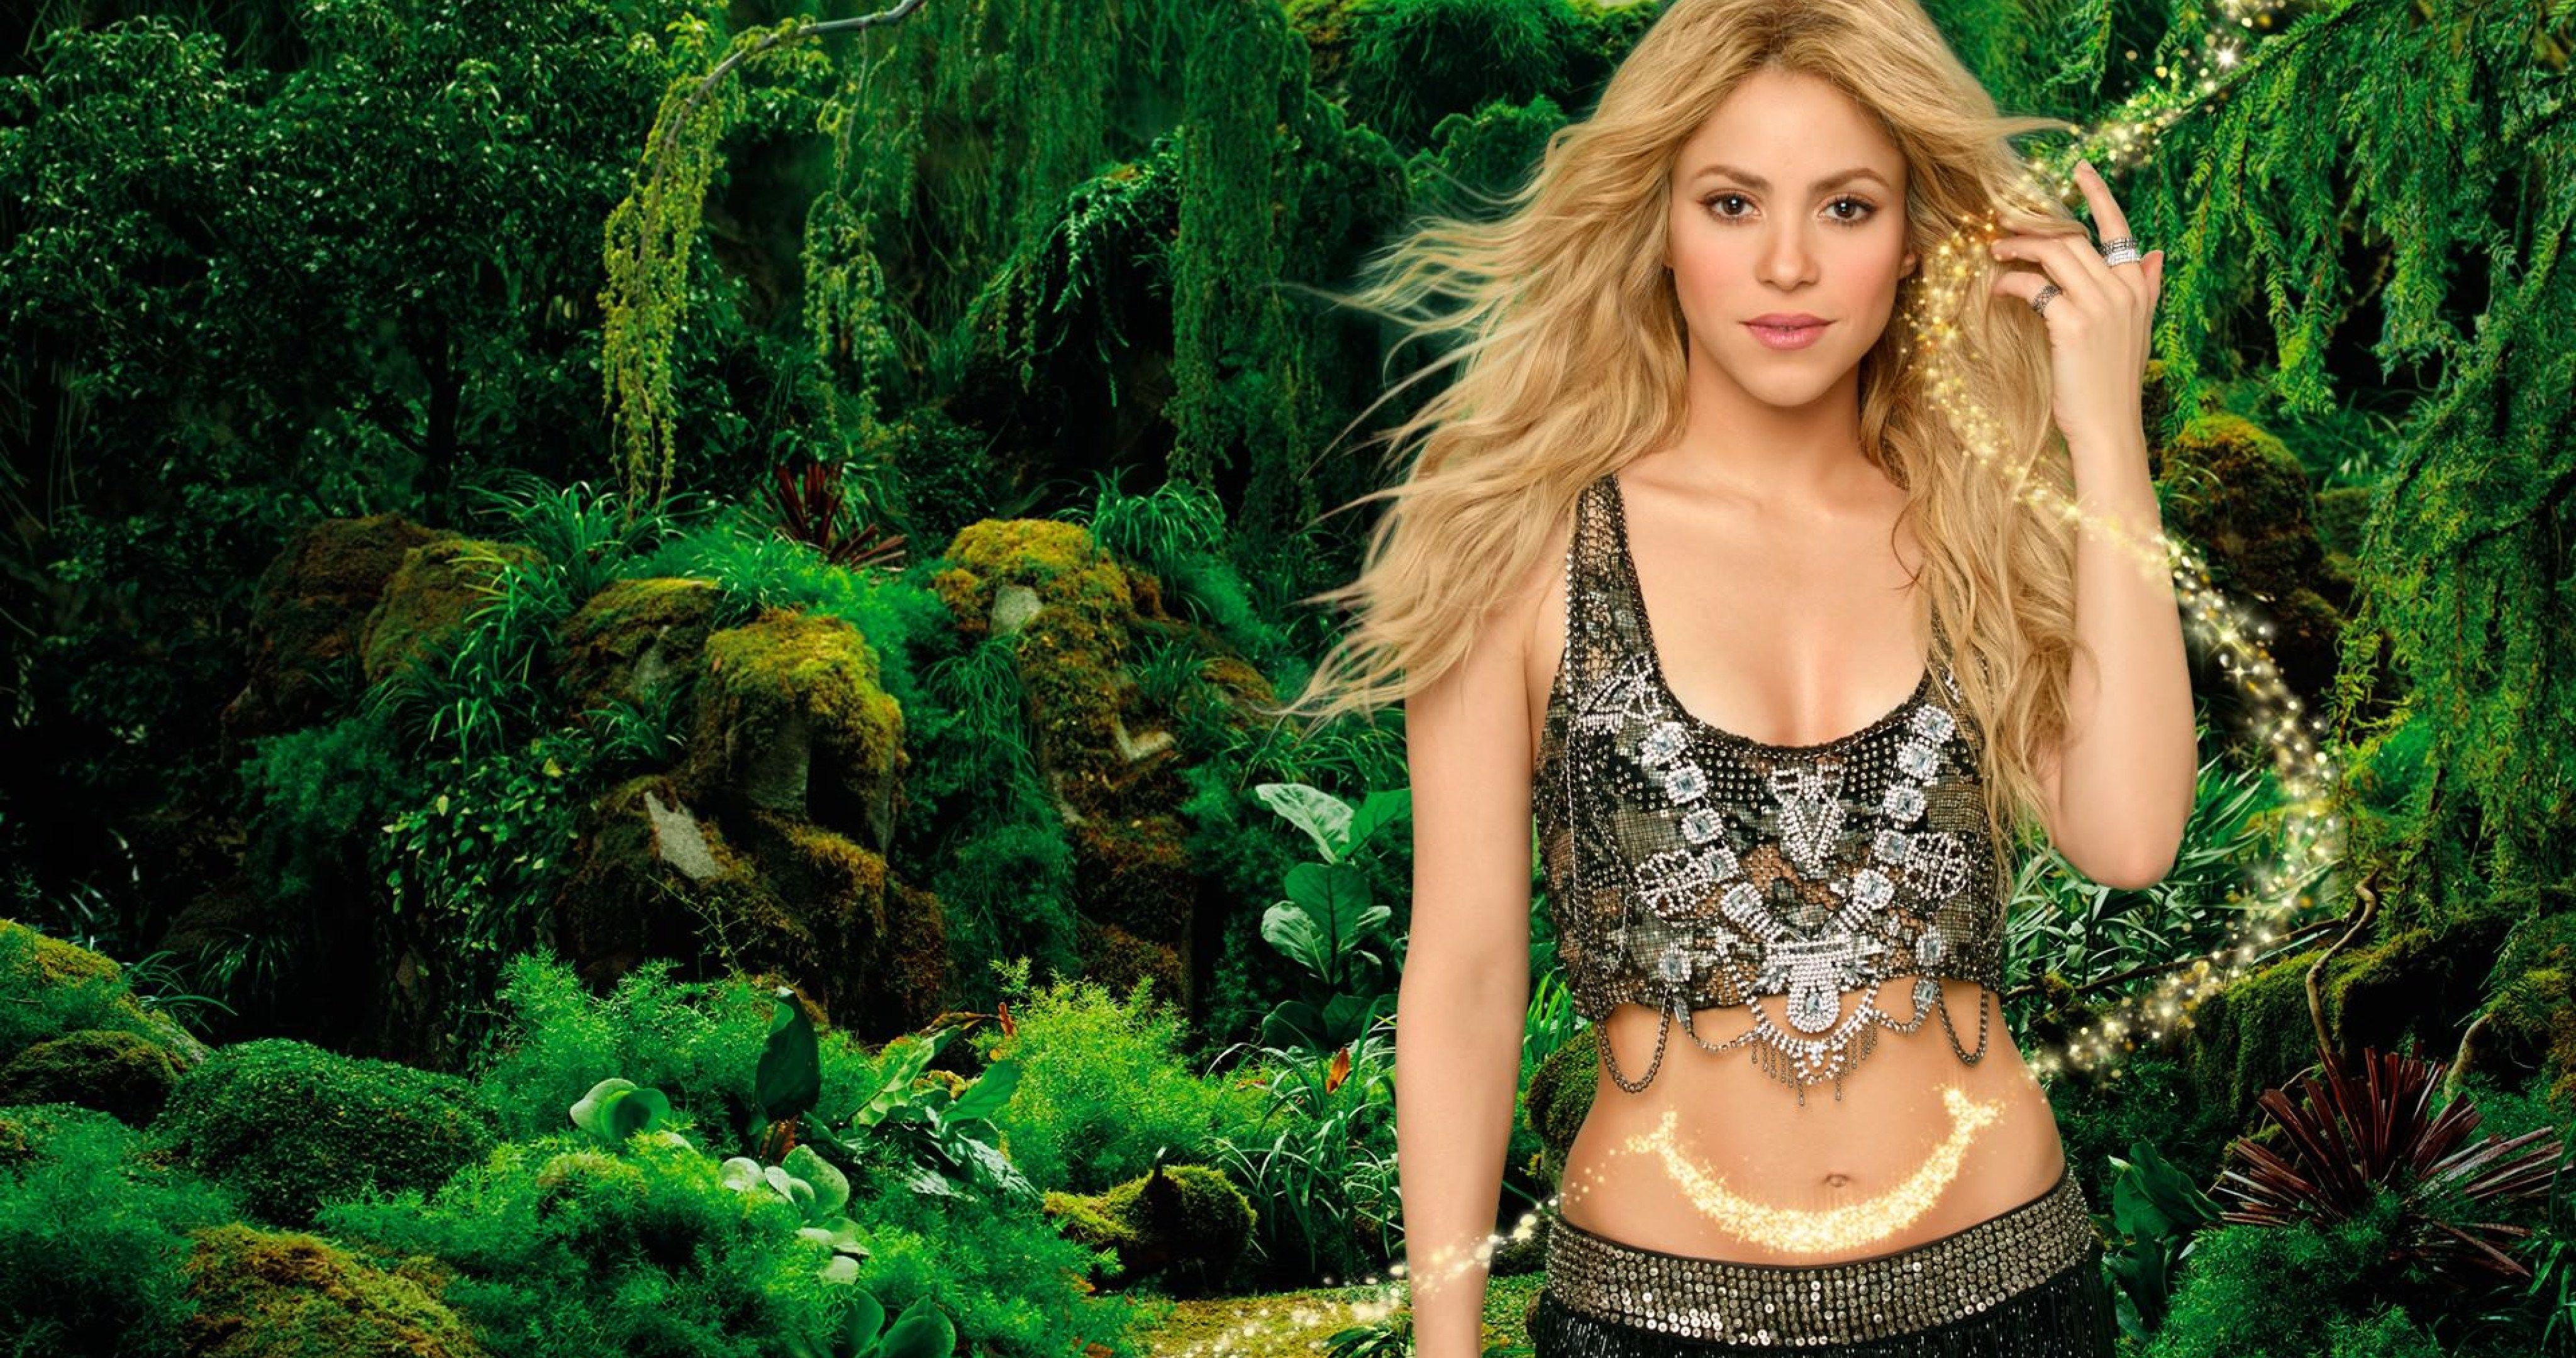 Shakira Singer Blonde 4k Ultra Hd Wallpaper Shakira Style Shakira 10 Most Beautiful Women